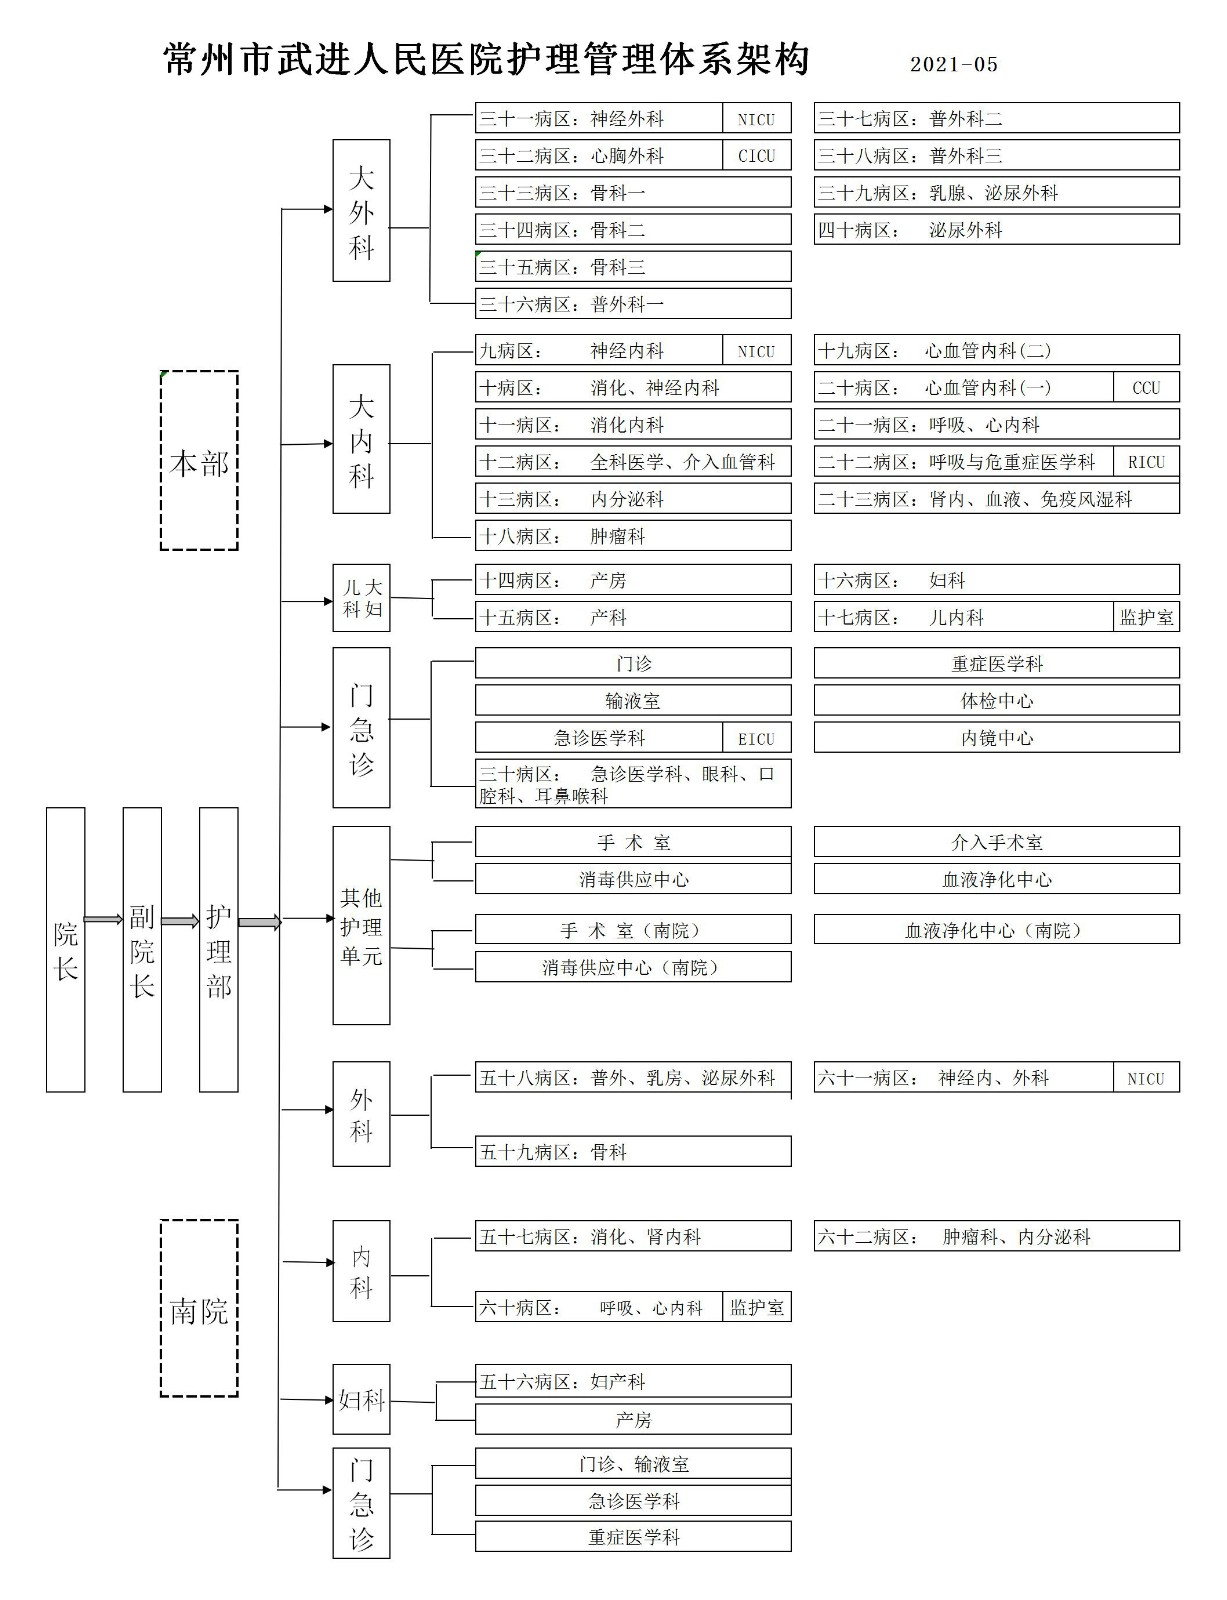 护理管理体系架构(2021.05).jpg